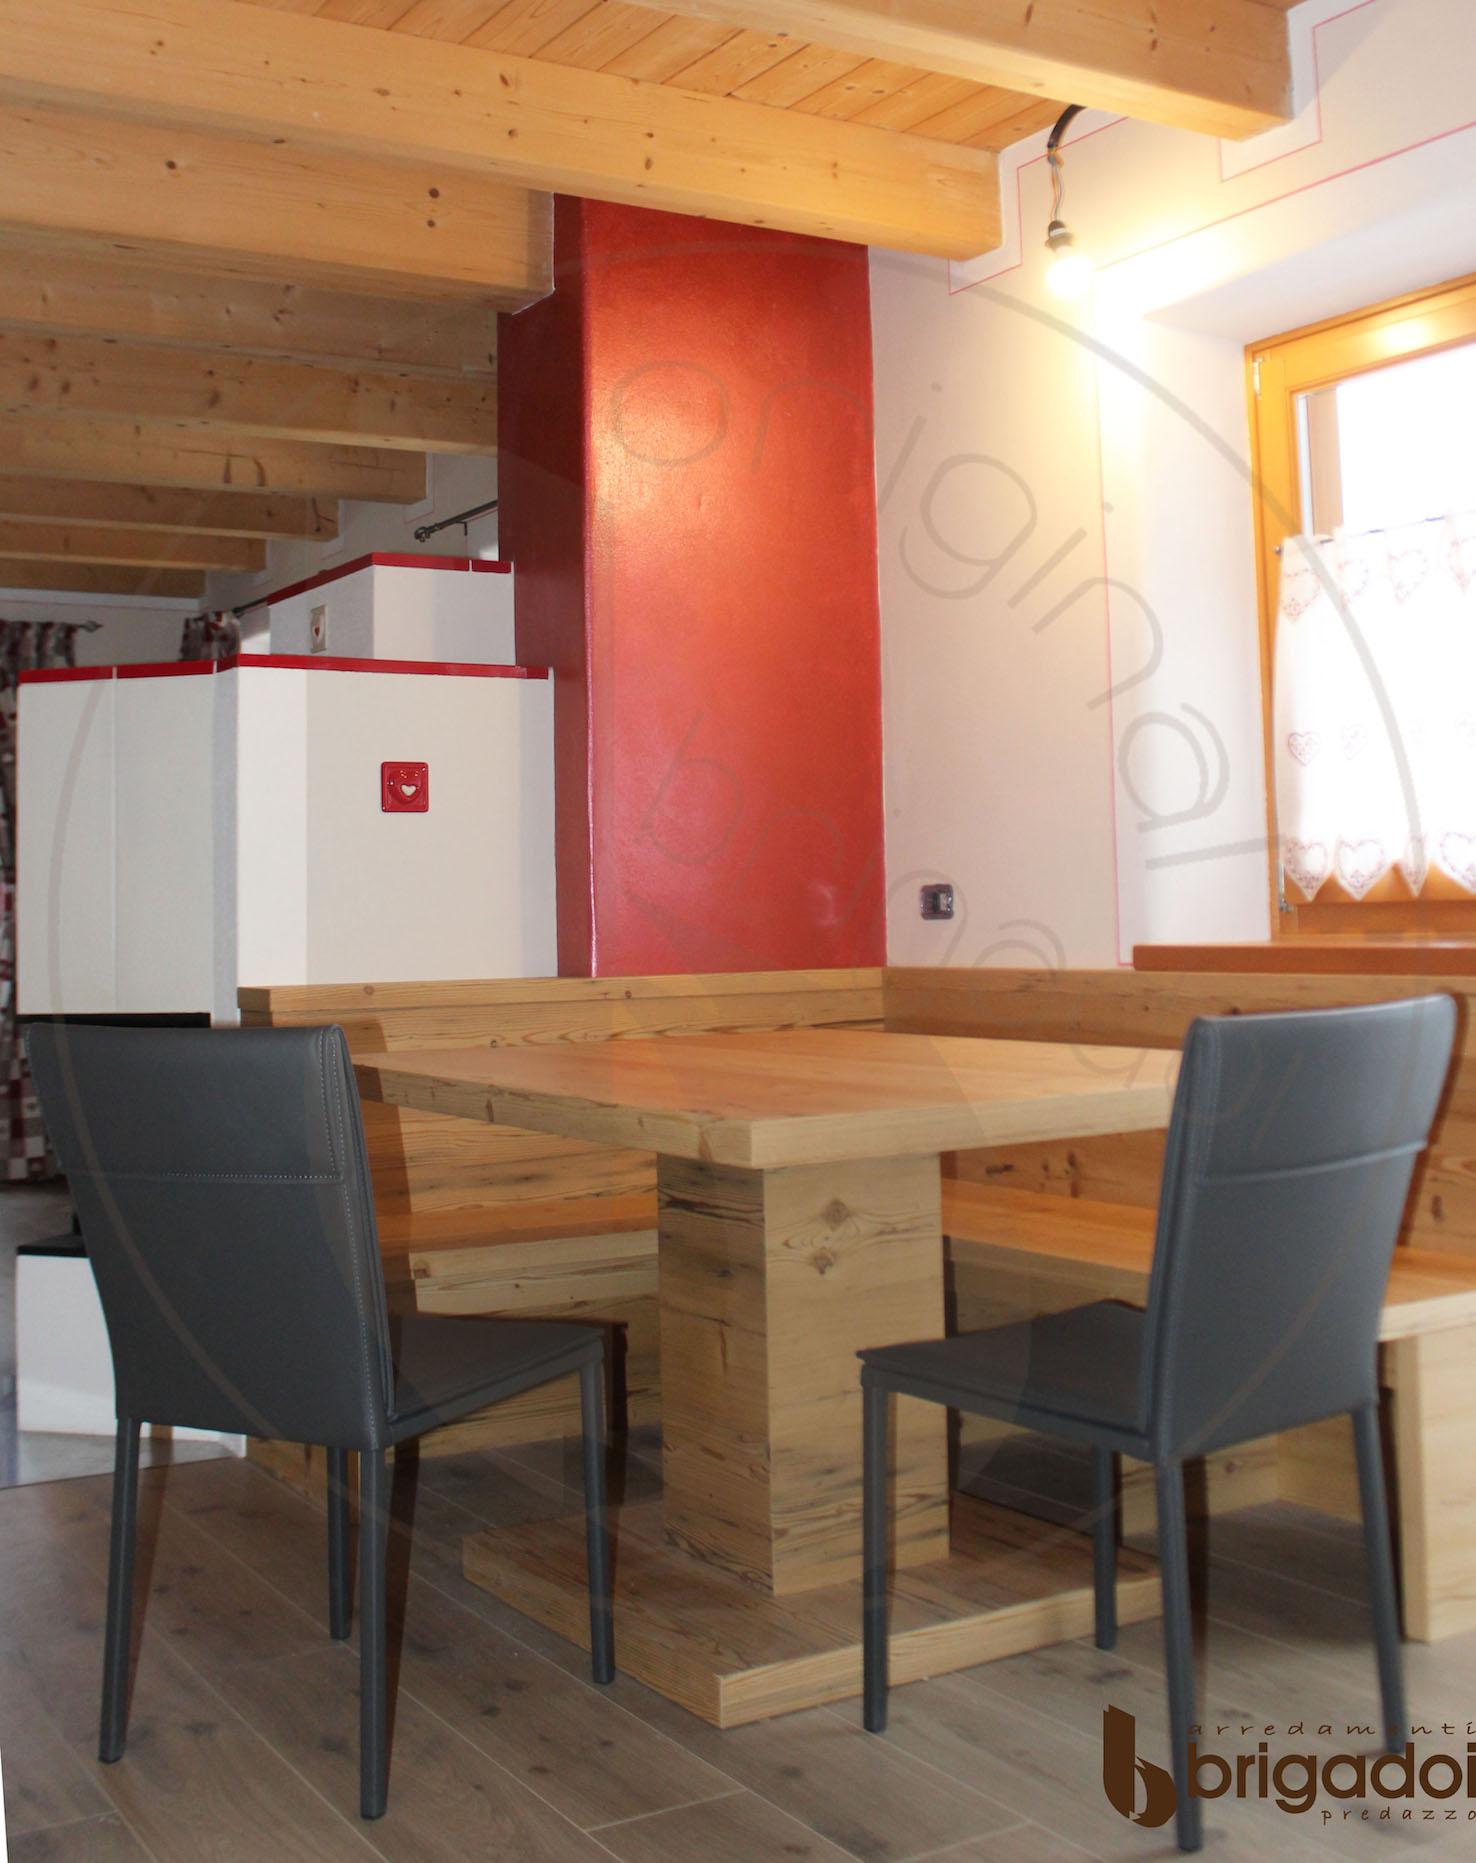 arredamenti casa legno arredamenti falegnameria brigadoi design val di fiemme dolomiti trentino legno